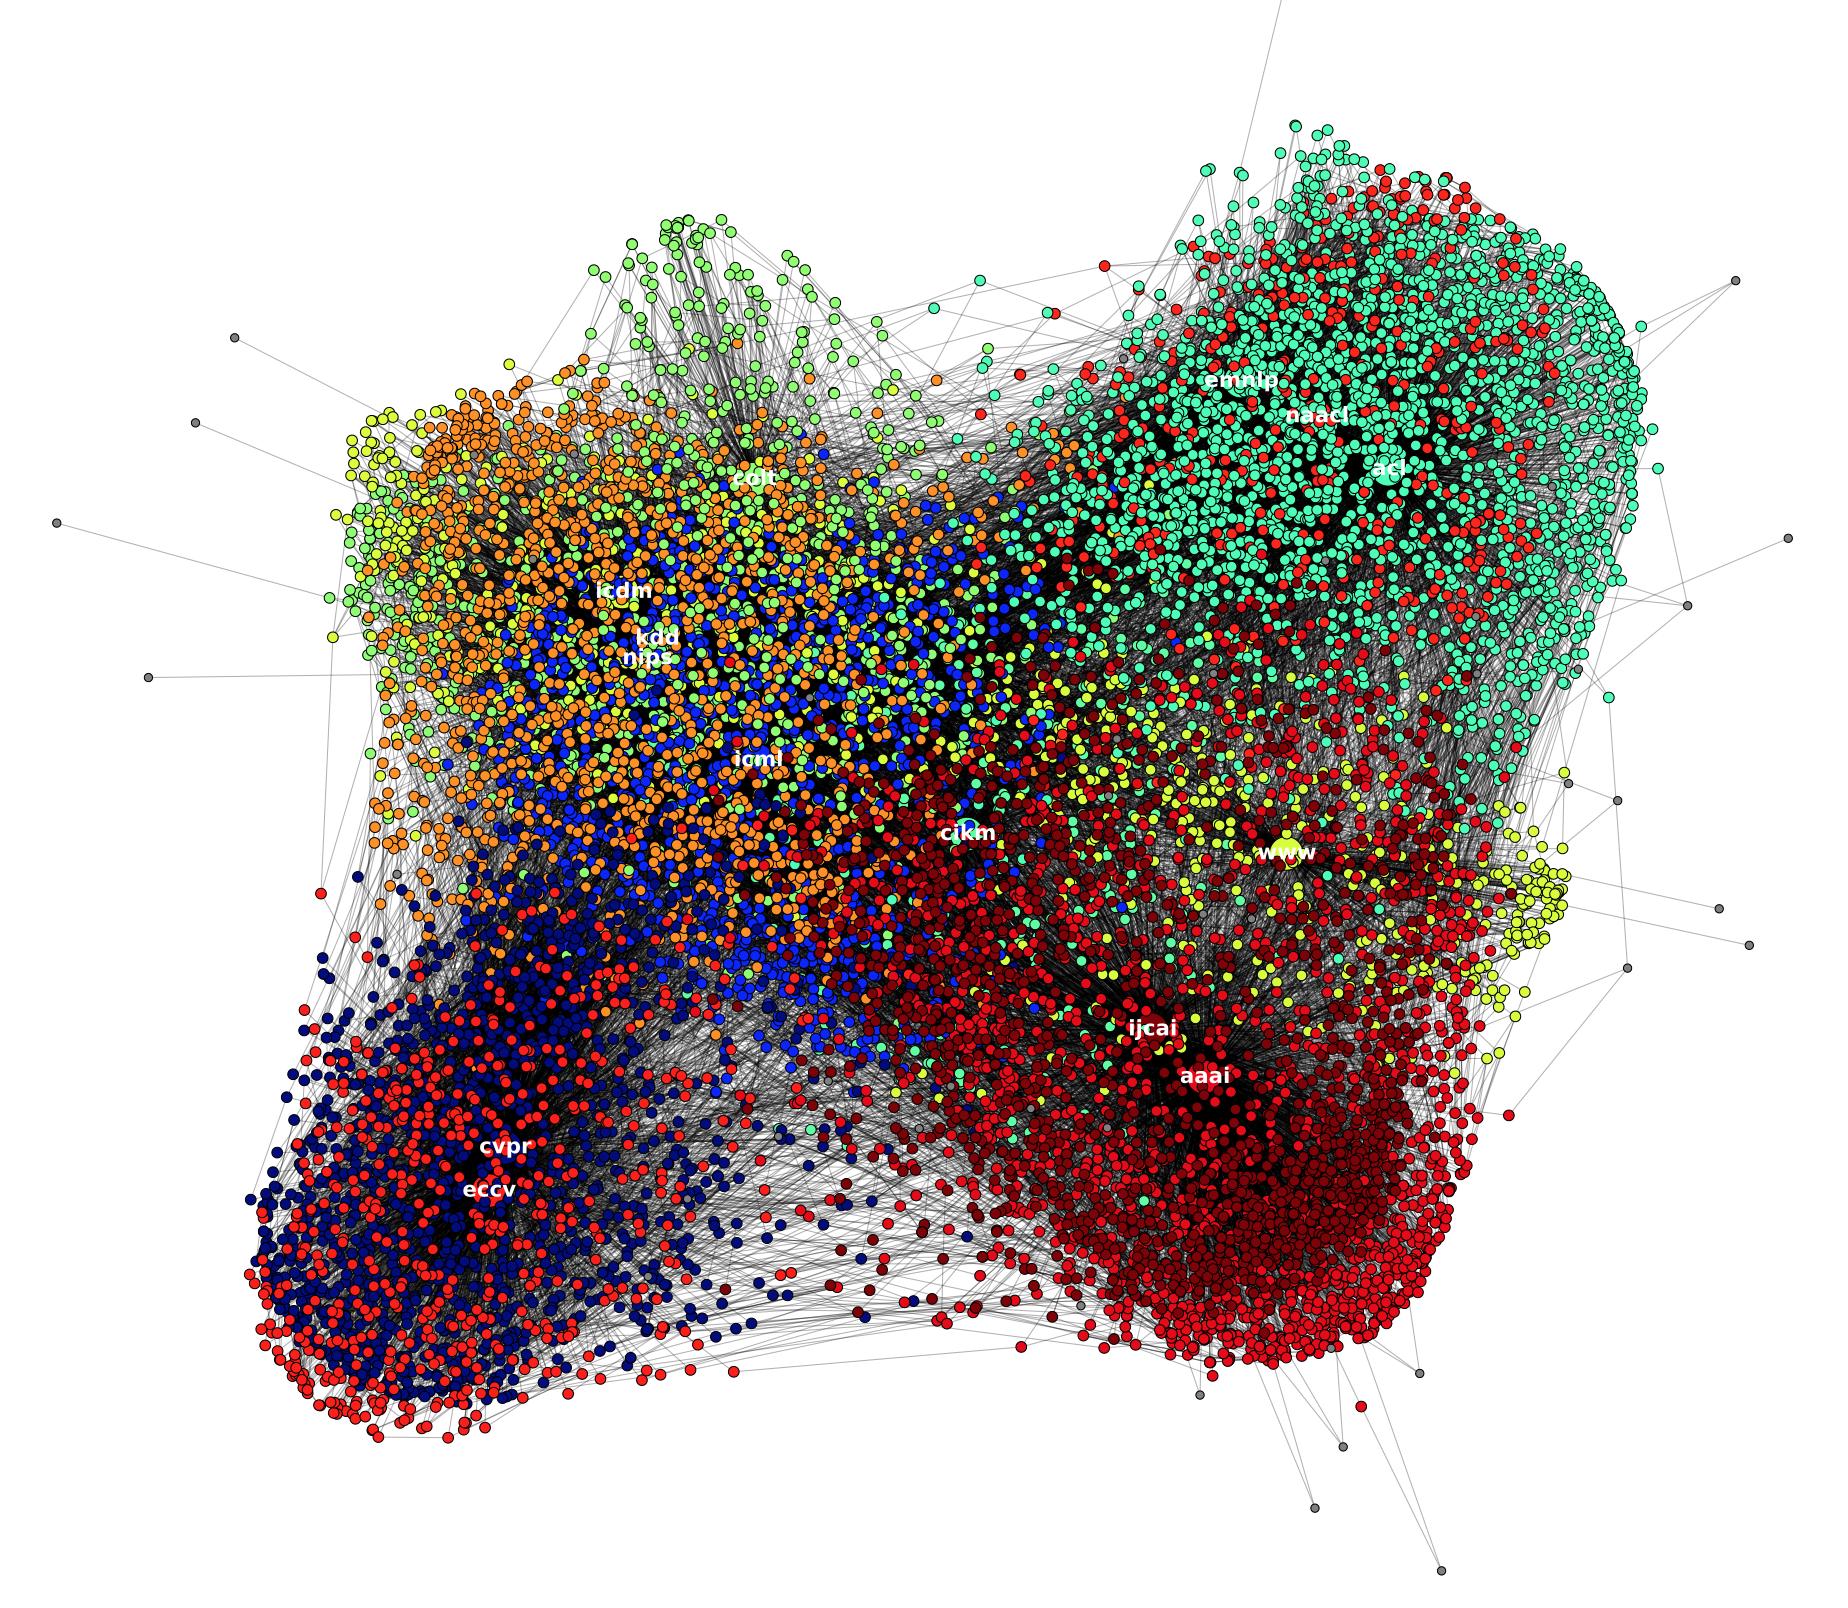 Exploring CiteSeerX dataset - Giselle Zeno